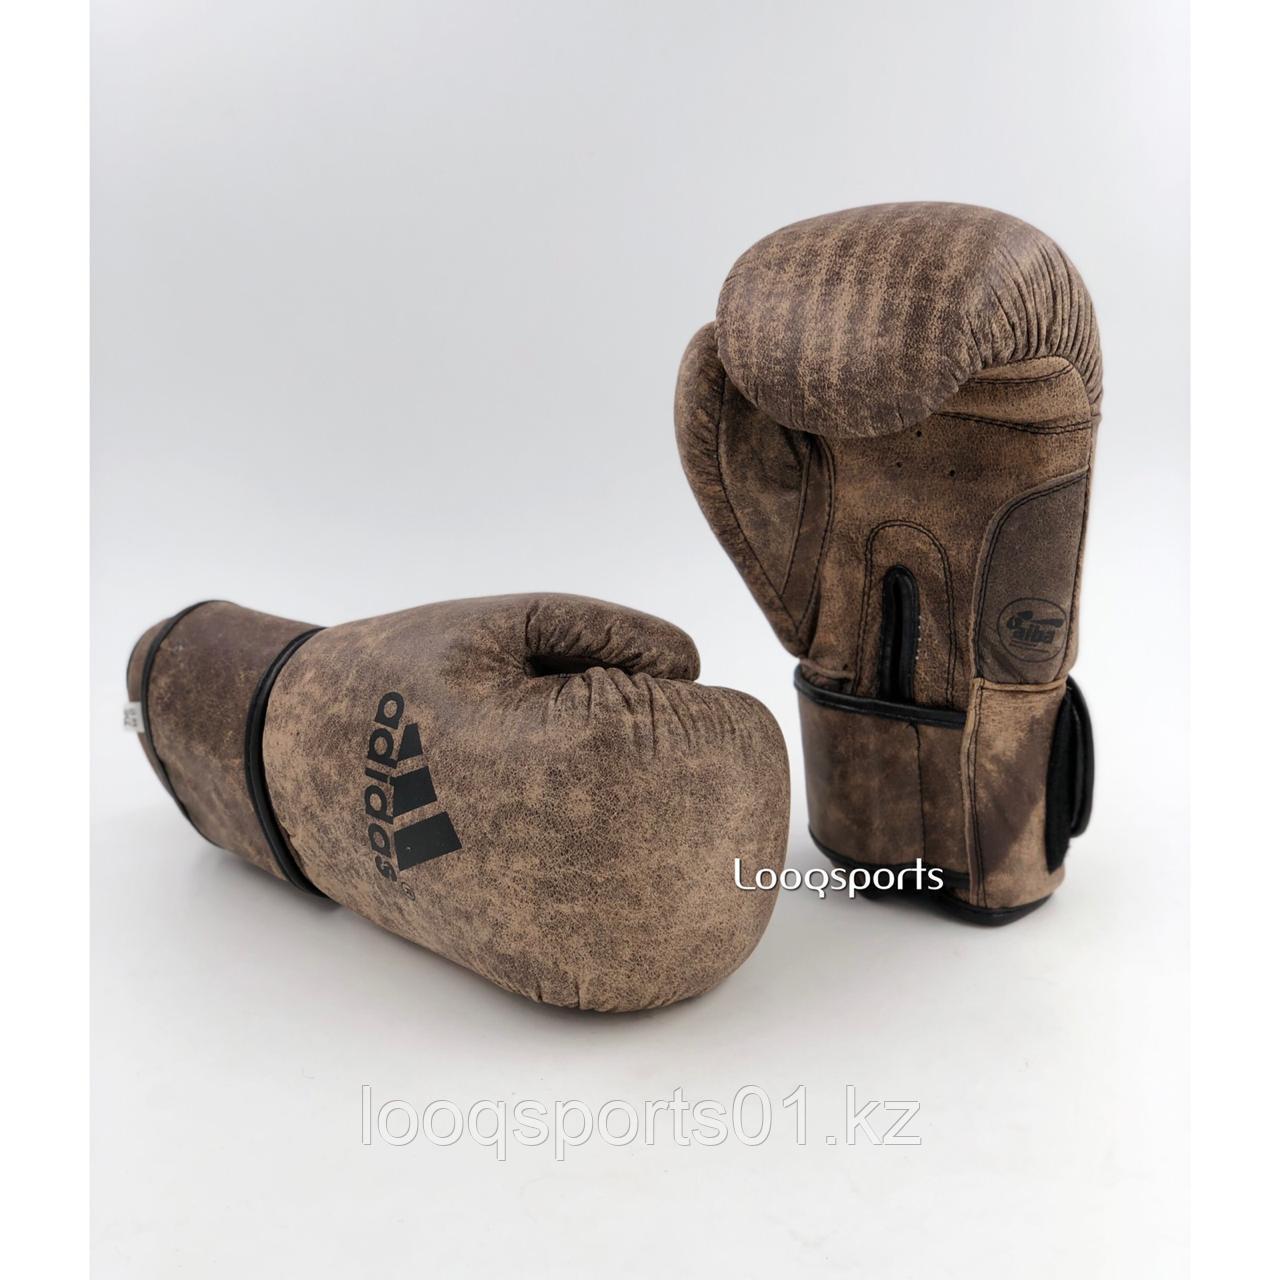 Боксерские перчатки Adidas Aiba (кожа) с бесплатной доставкой